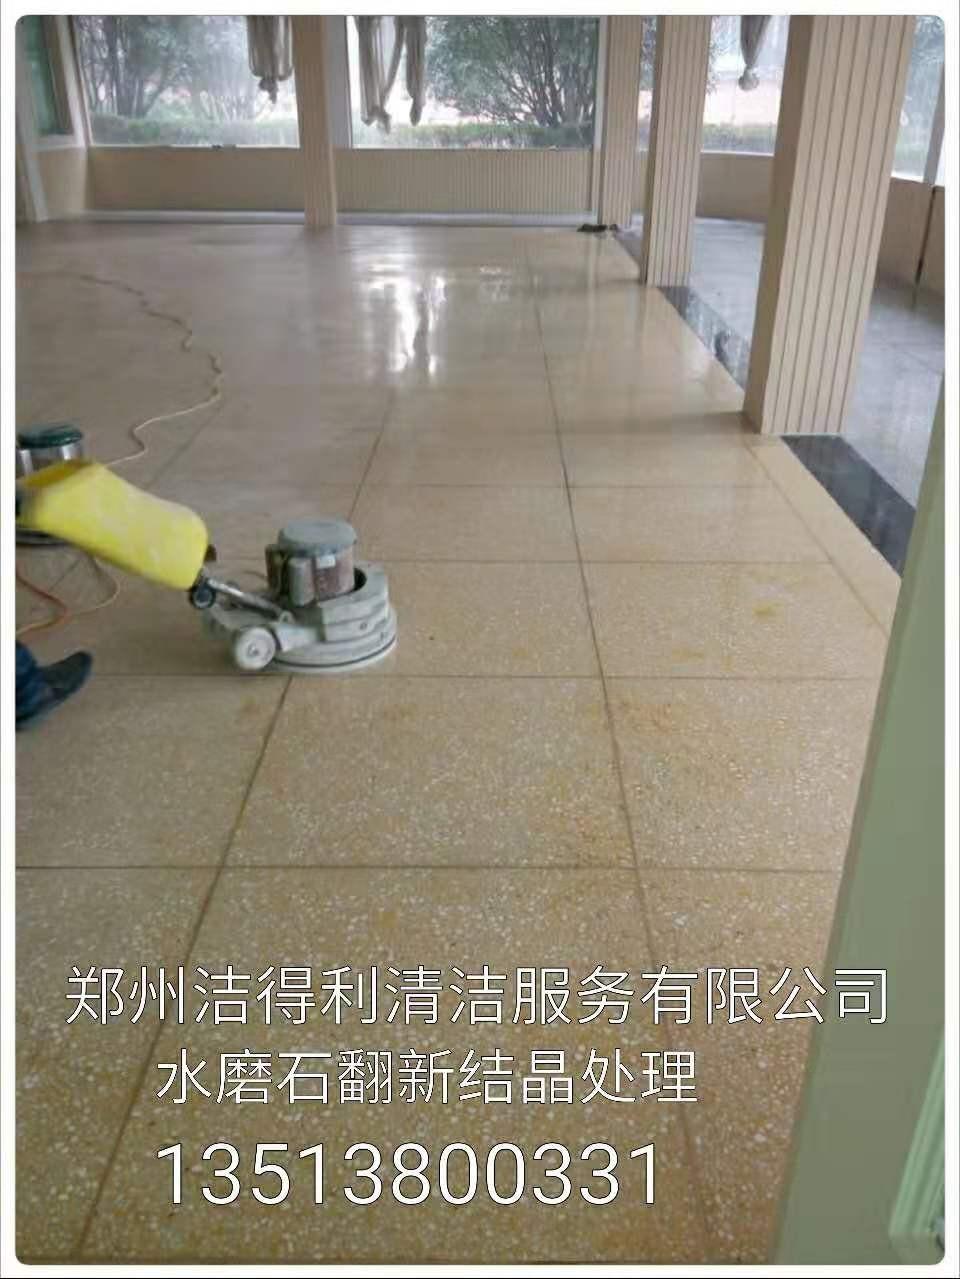 宝鸡抛釉转釉面修复创新专业地砖清洗公司